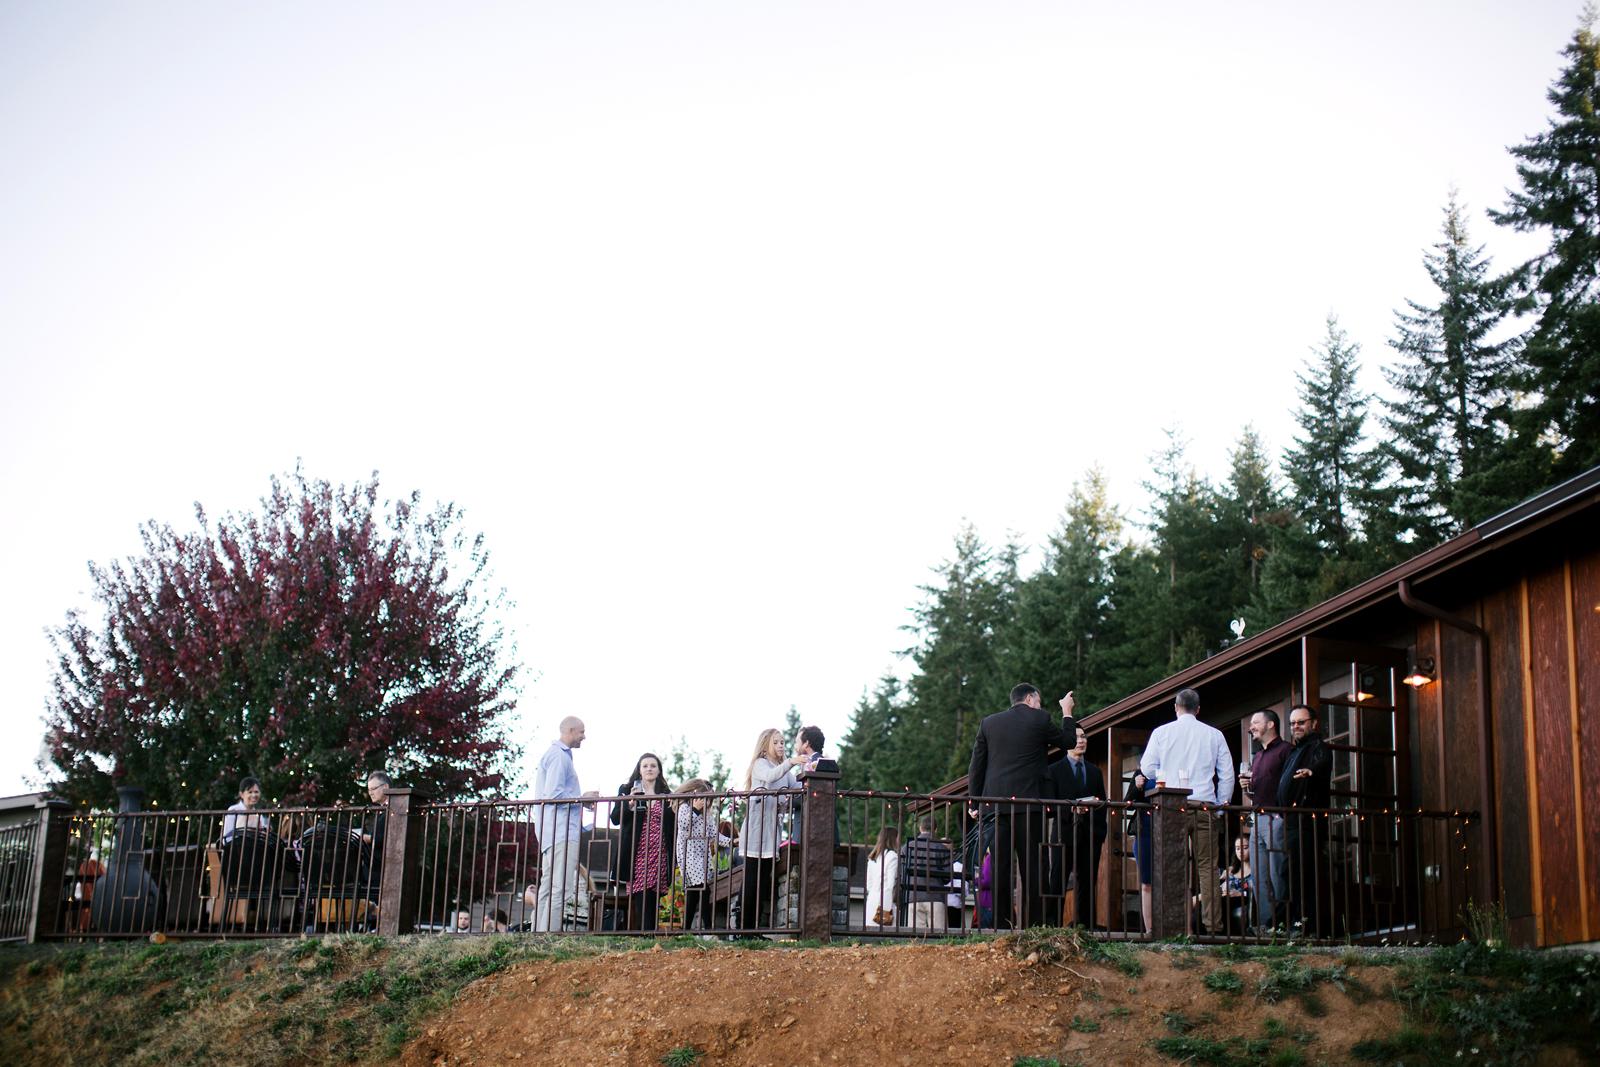 057-daronjackson-rich-wedding.jpg